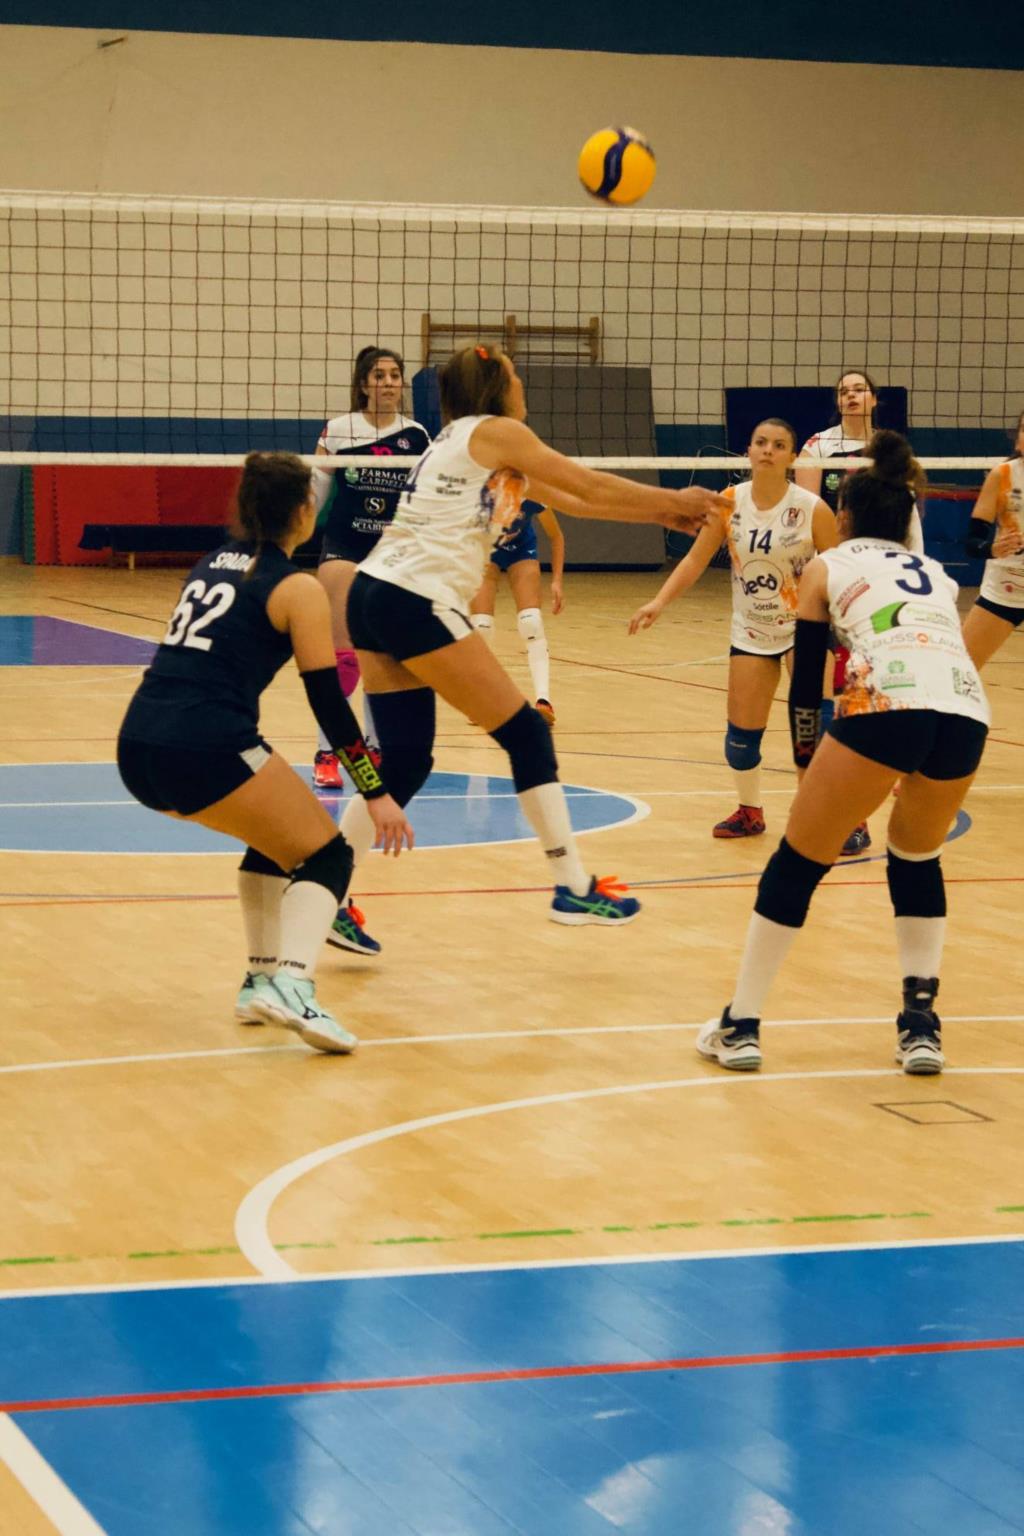 Battuto l'Erice Entello nel torneo d C femminile di Volley